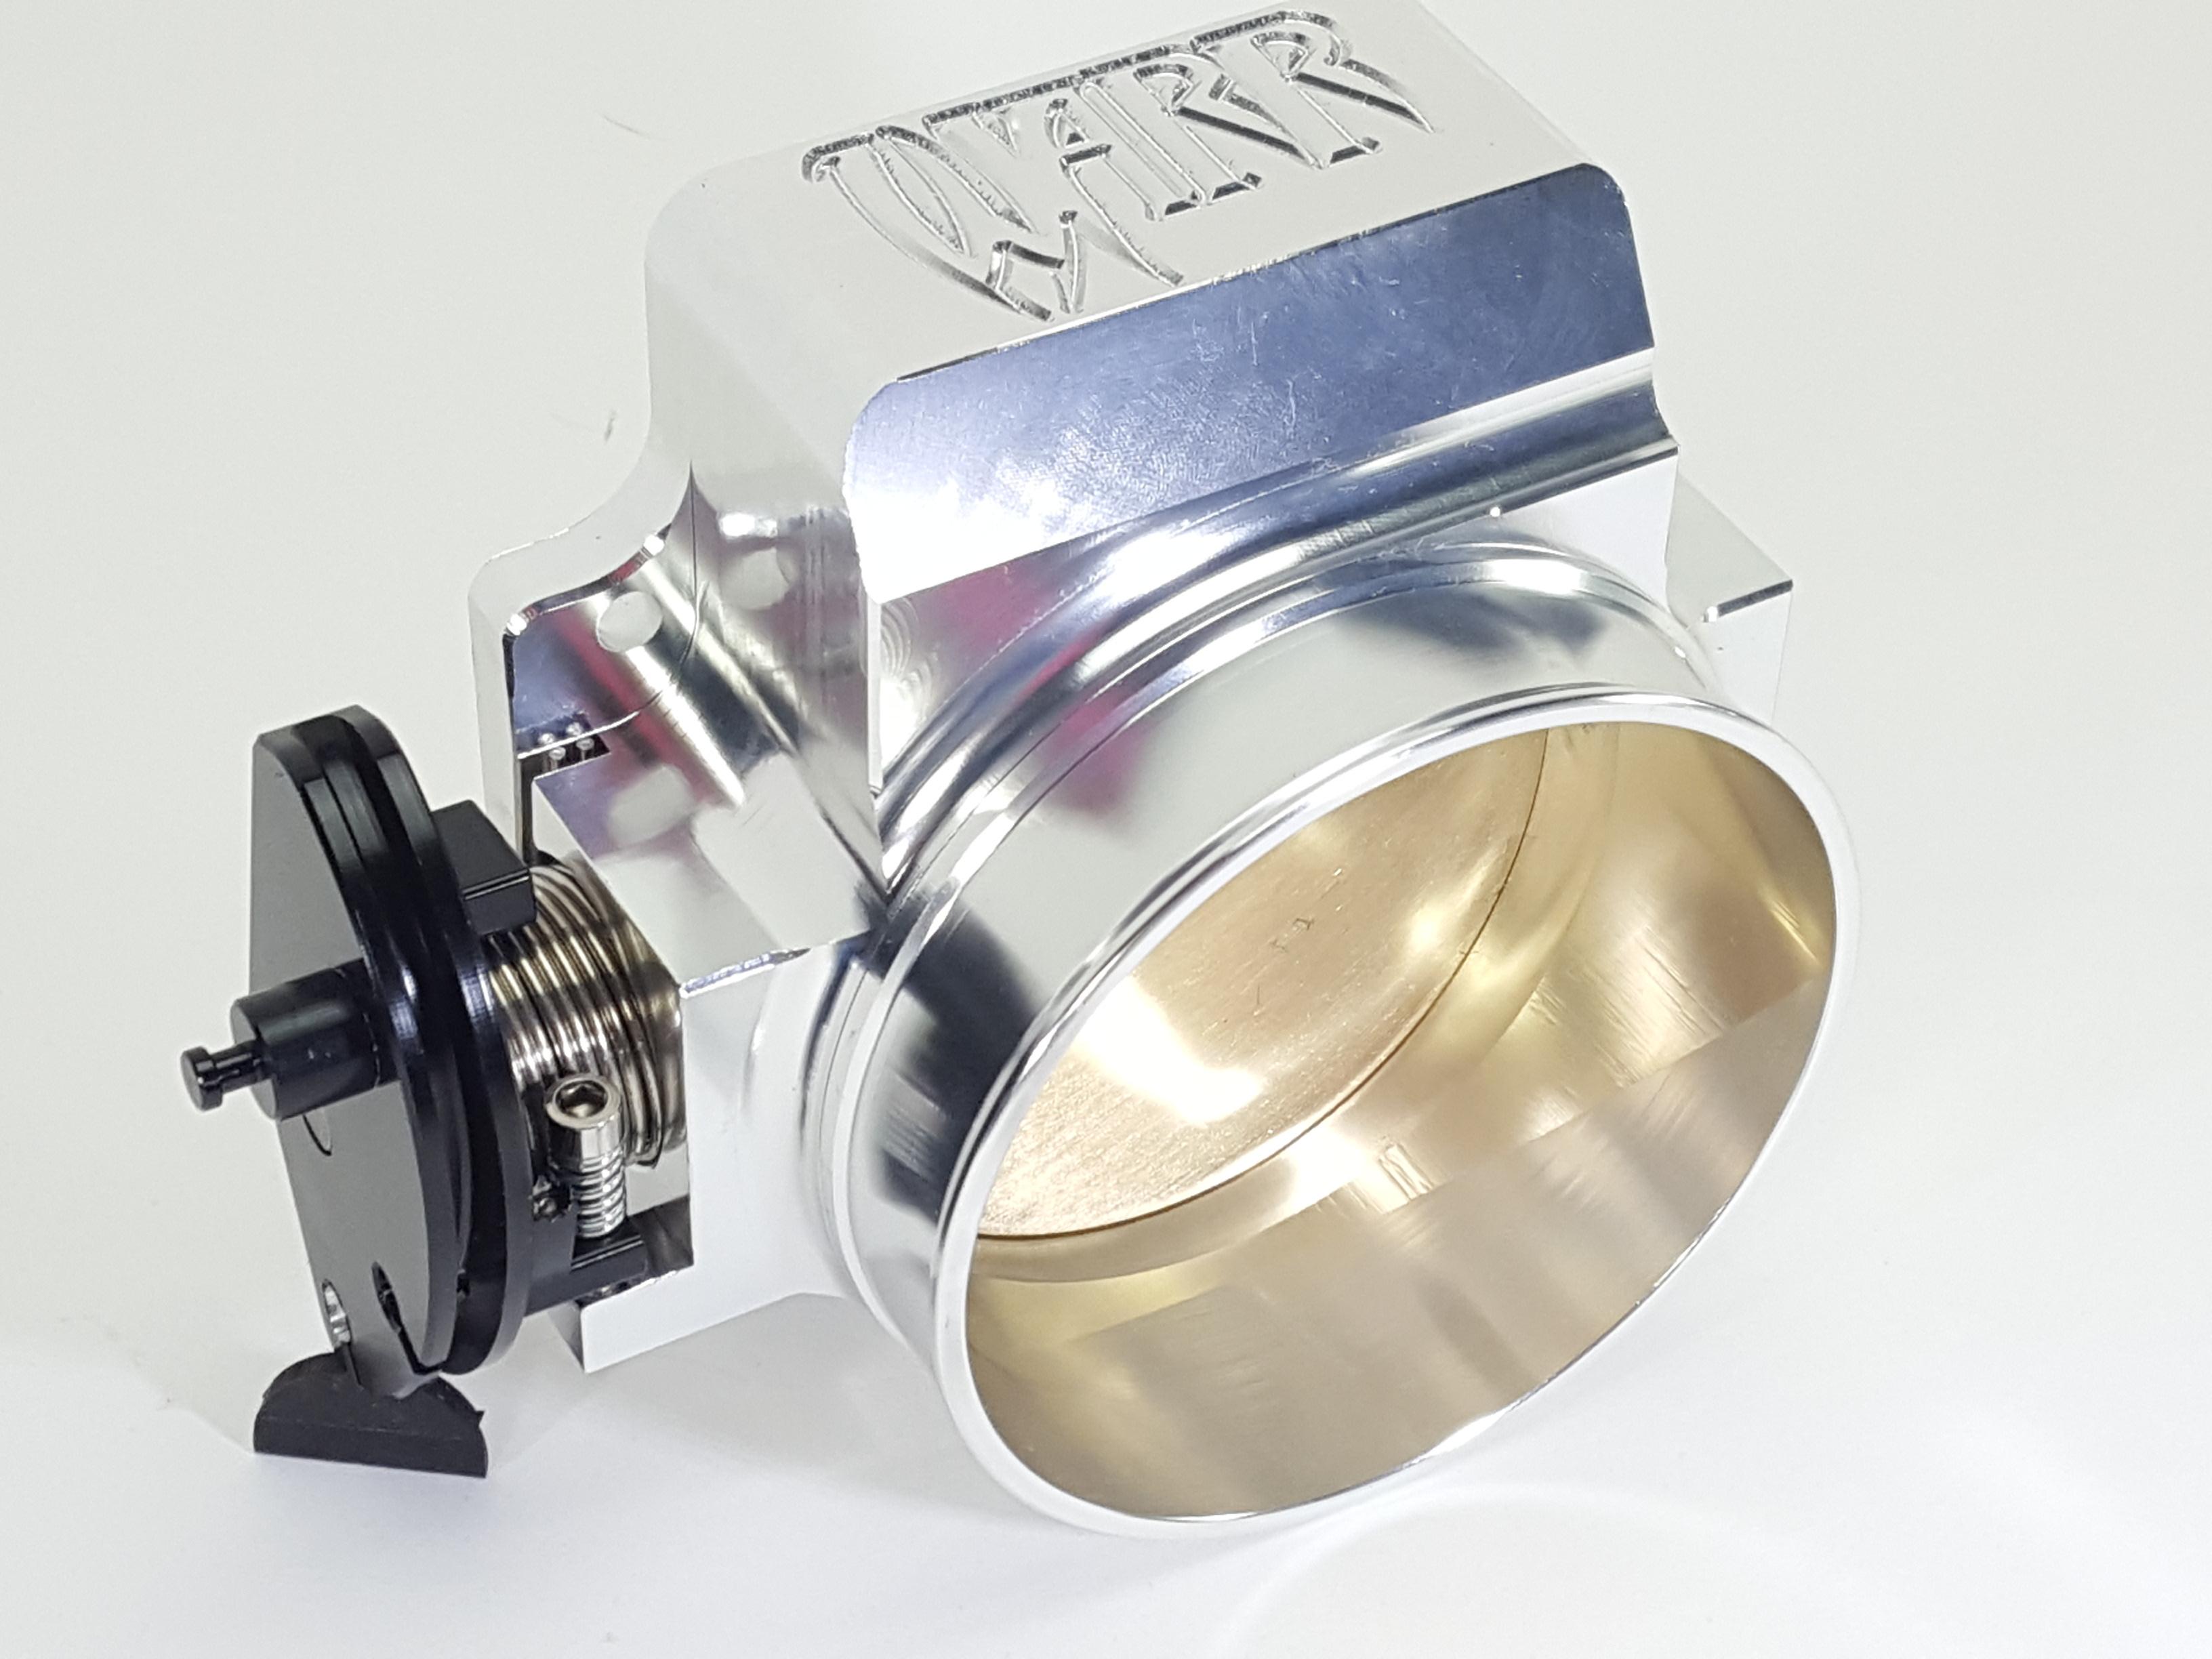 102mm Throttle Body - Alum - No Vent Tube - LS1 LS2 LS3 LSX